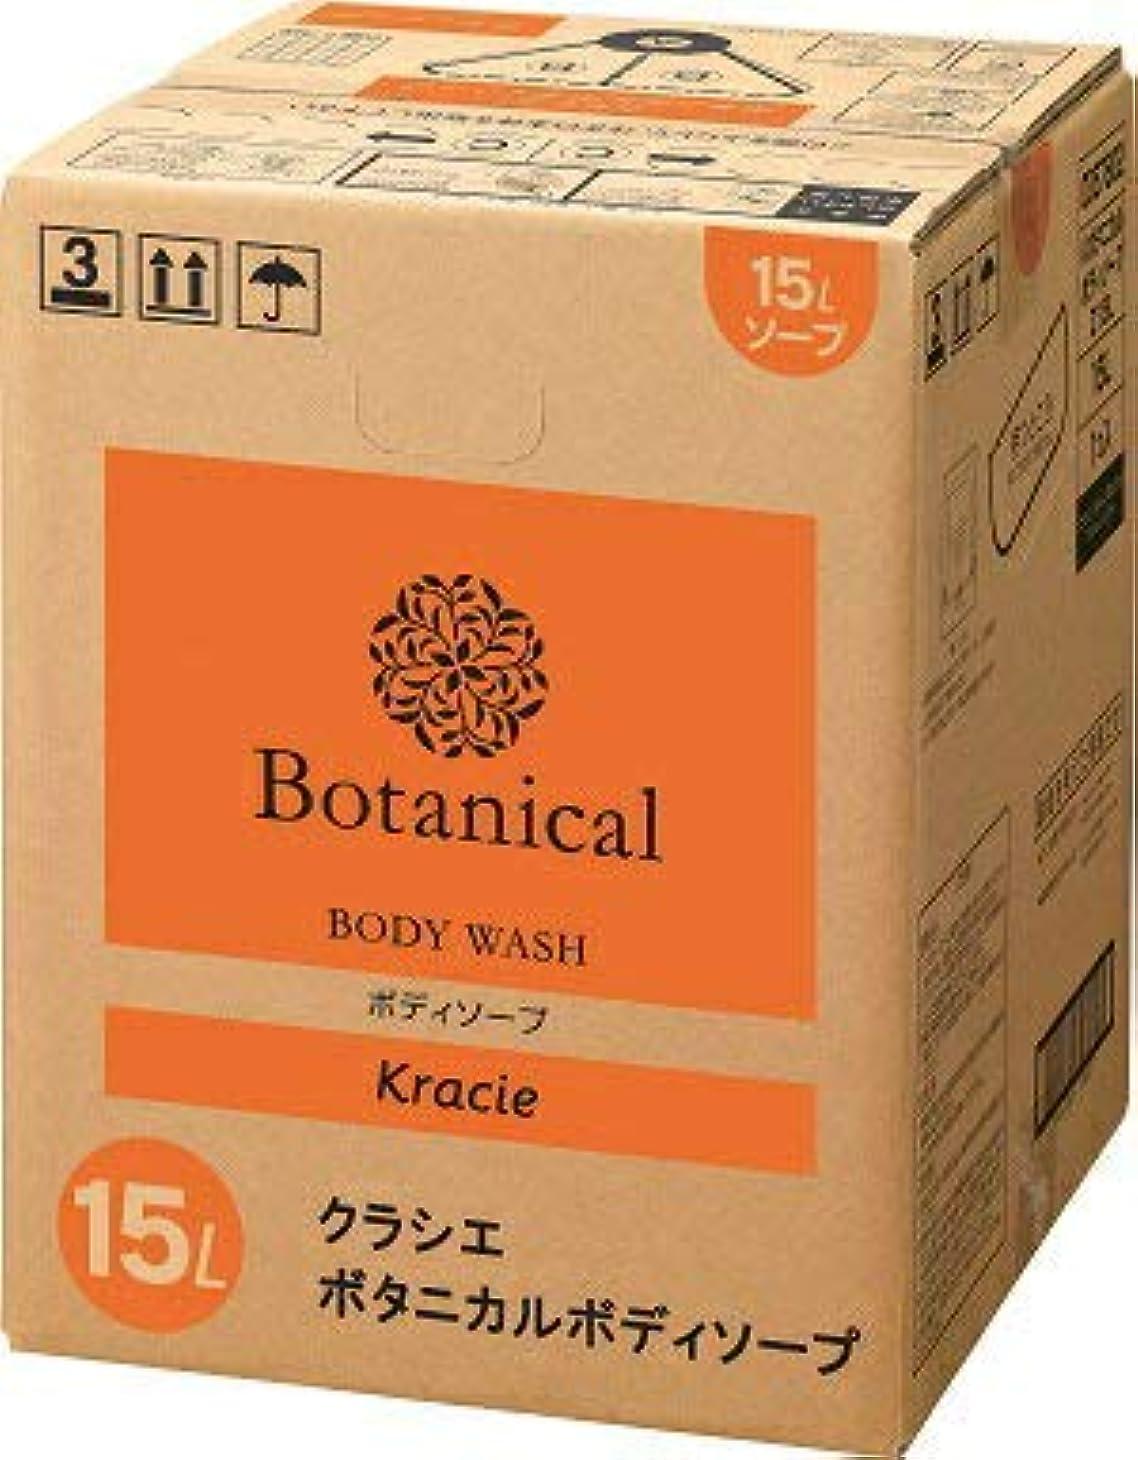 過度に聖なる無一文Kracie クラシエ Botanical ボタニカル ボディソープ 15L 詰め替え 業務用